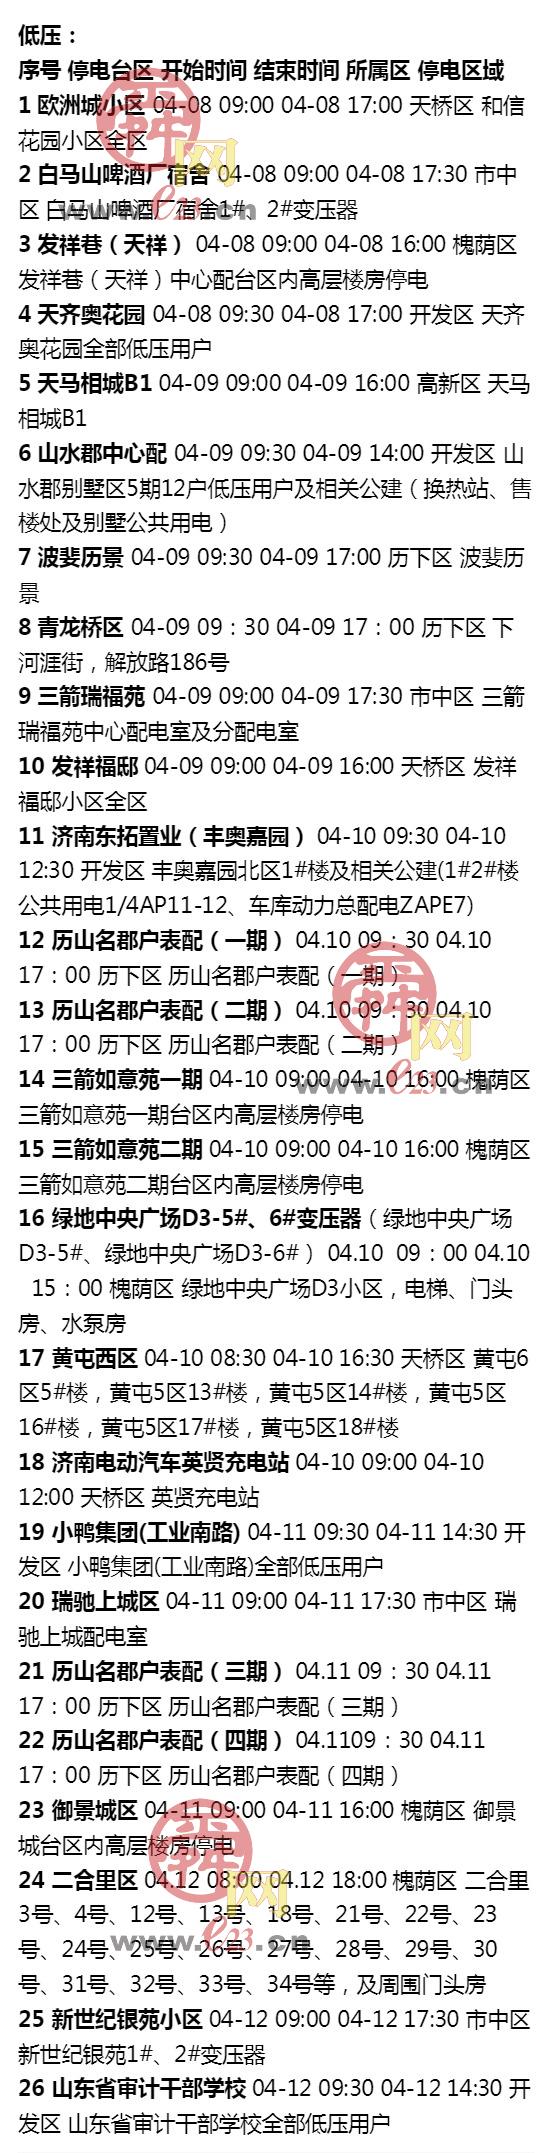 4月6日至4月21日濟南部分區域電力設備檢修通知